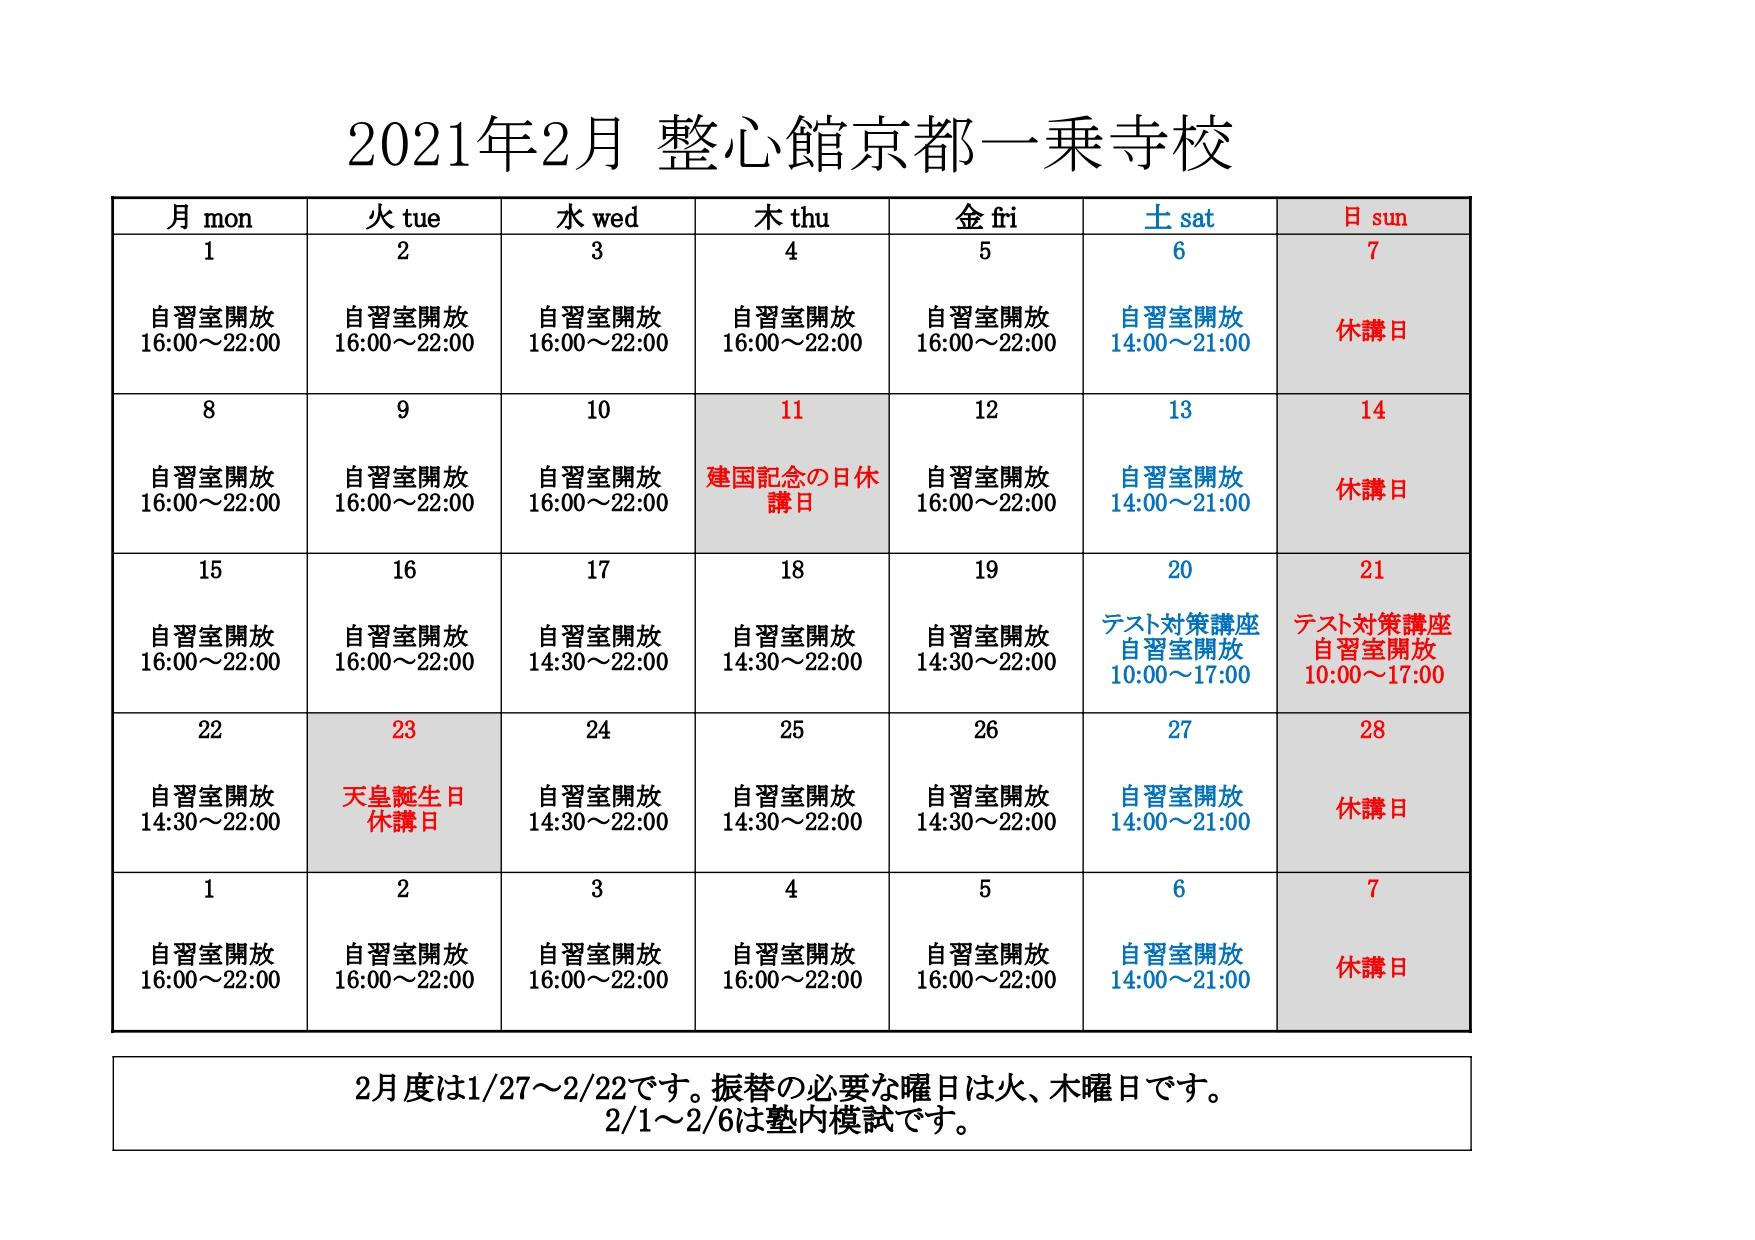 schedule.feb